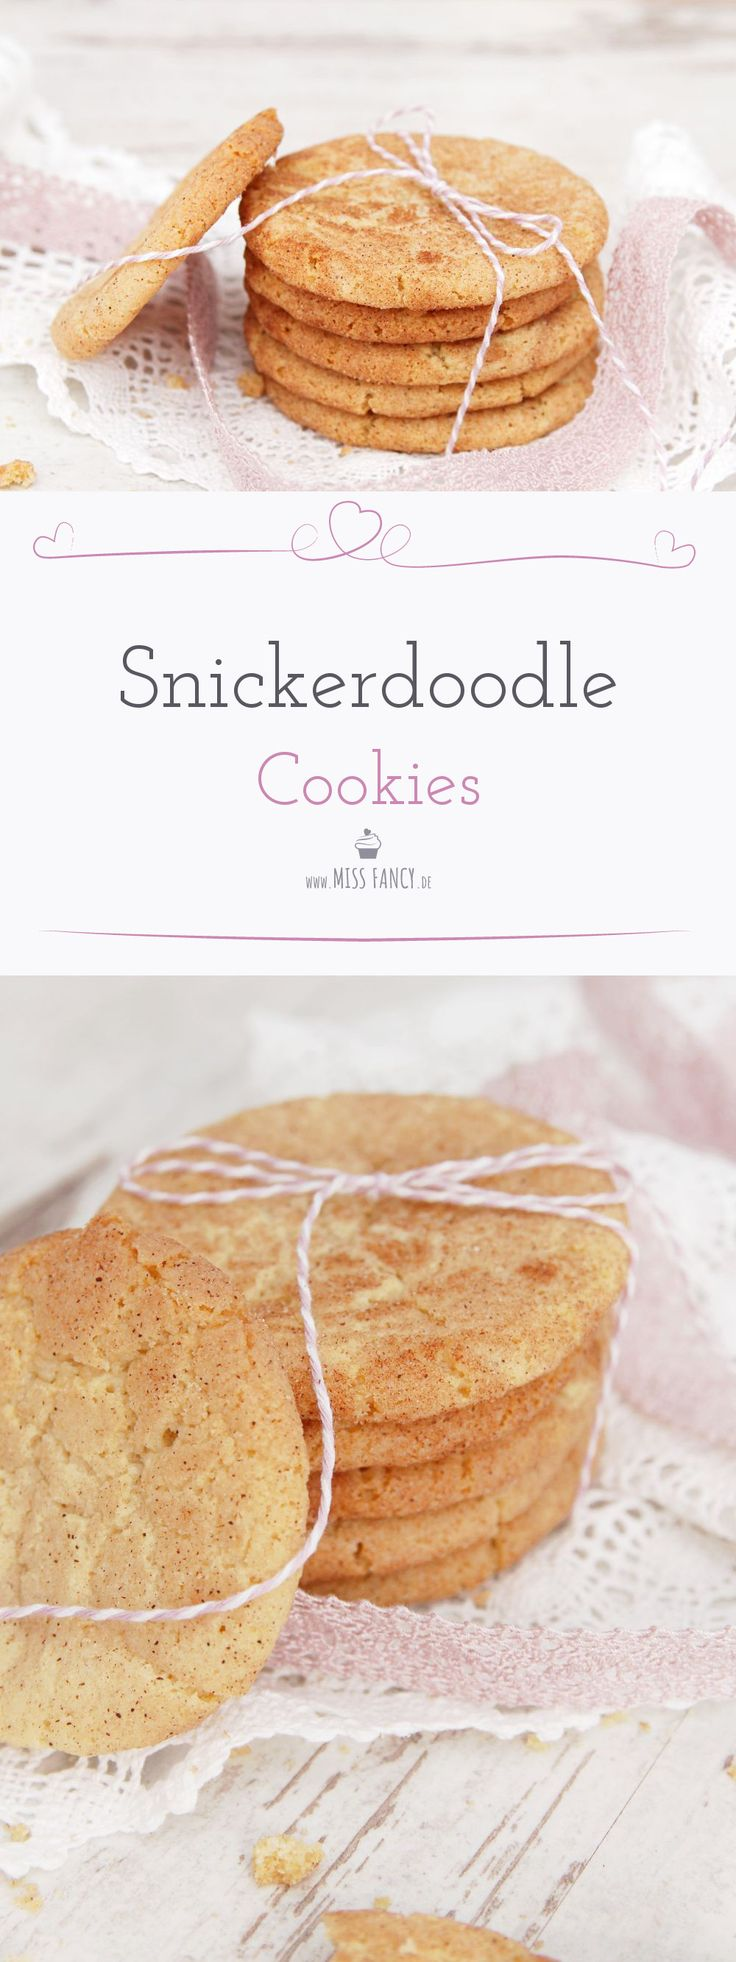 Auch für Weihnachten ein Genuss! Leckere Snickerdoodle Cookies :-) #Snickerdoodle #Cookies #Plätzchen #Gebäck